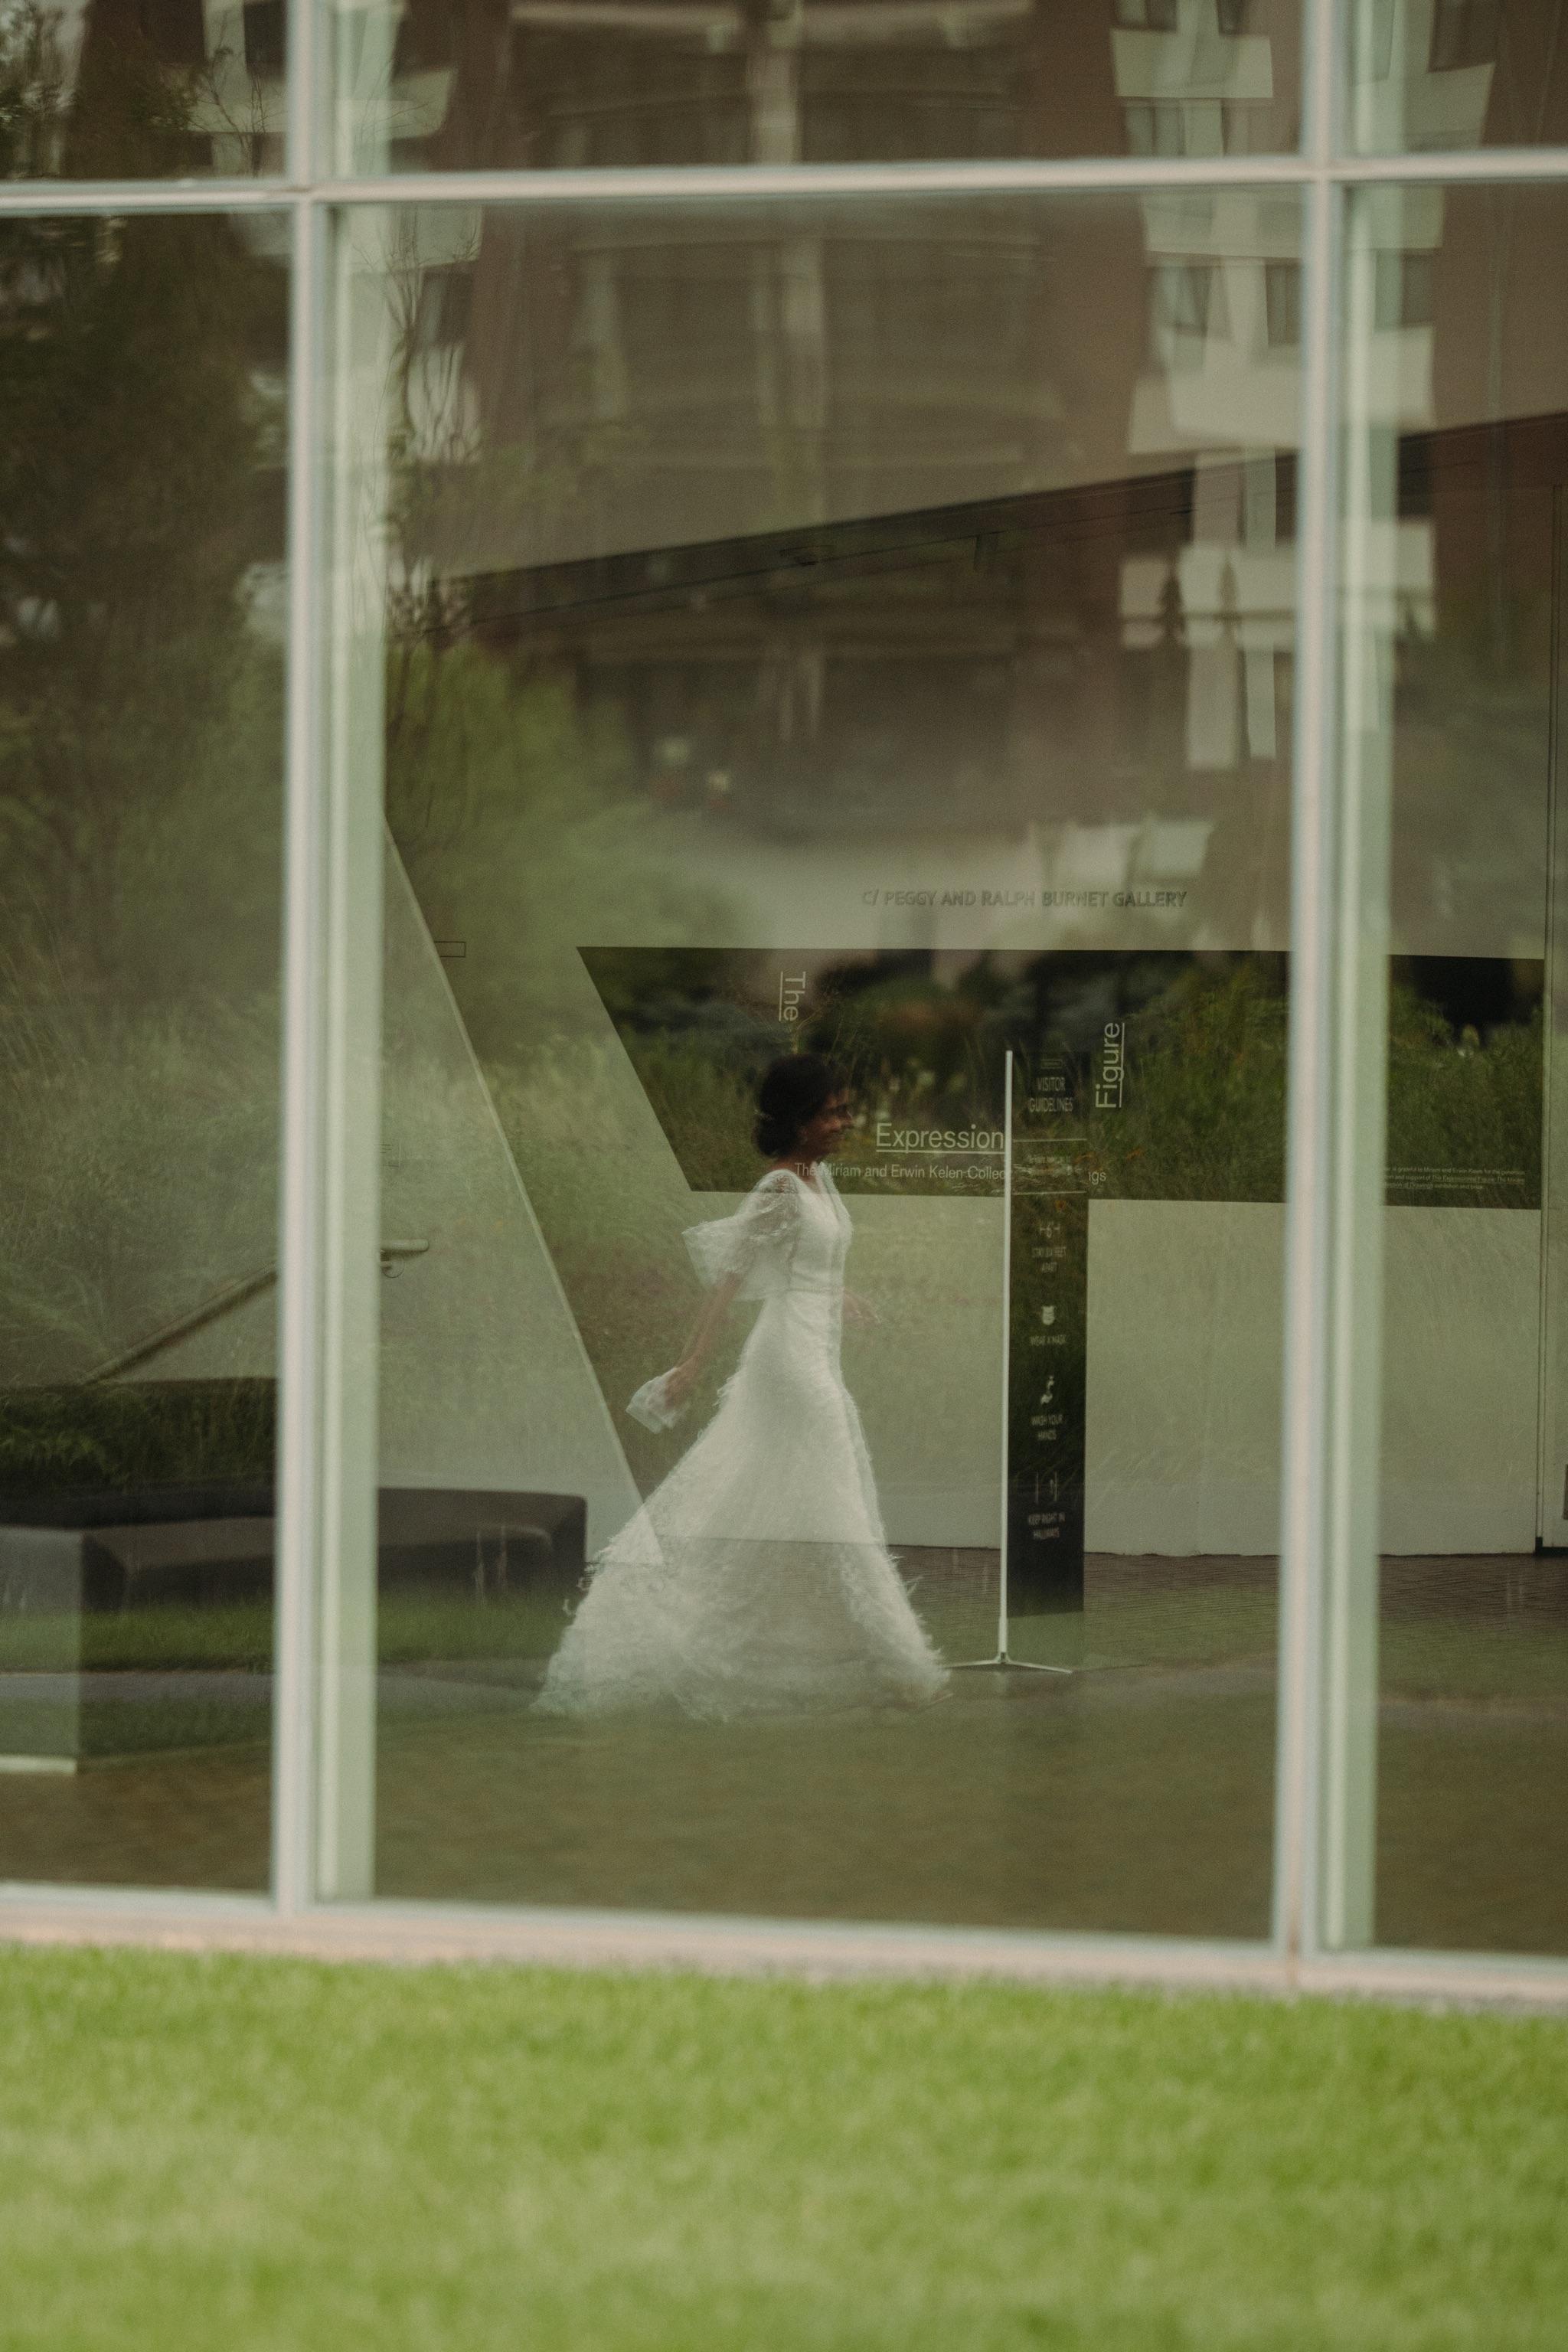 Reflection of the bride walking in a window walker art center wedding